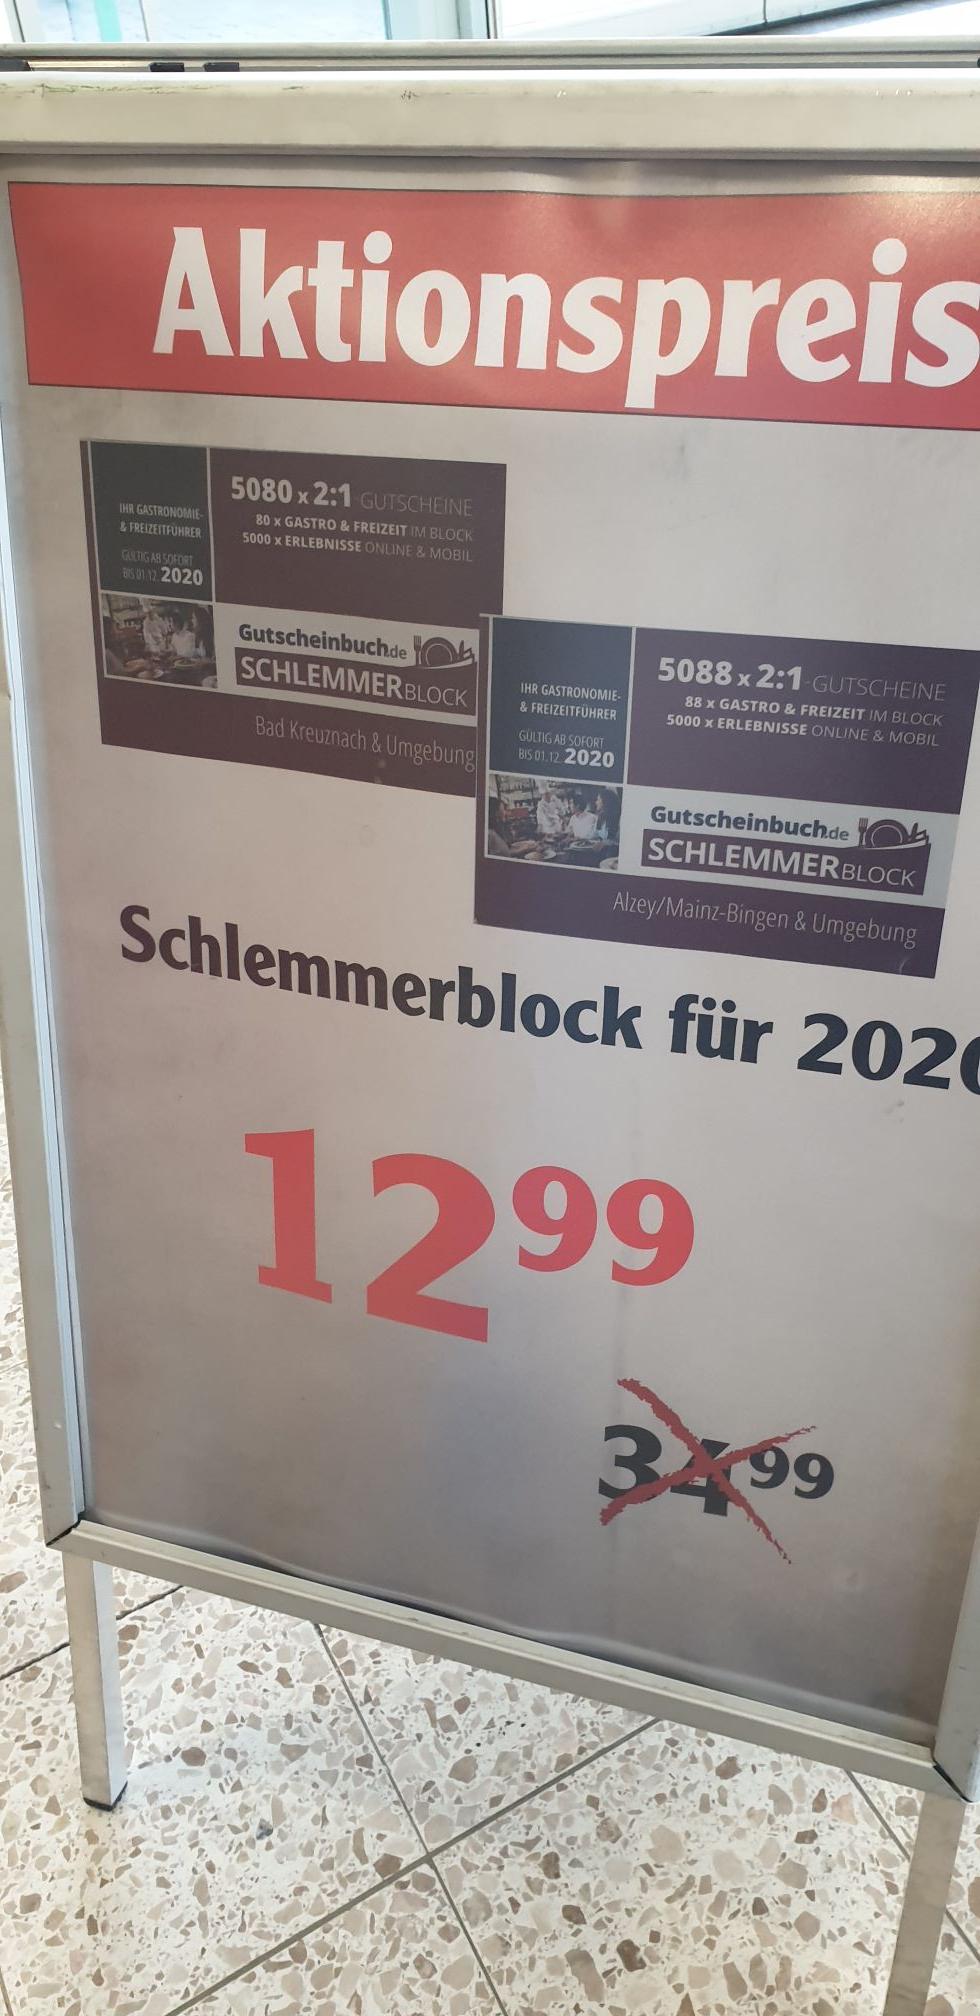 Schlemmerblock - Gutscheinbuch [lokal Globus Gensingen]